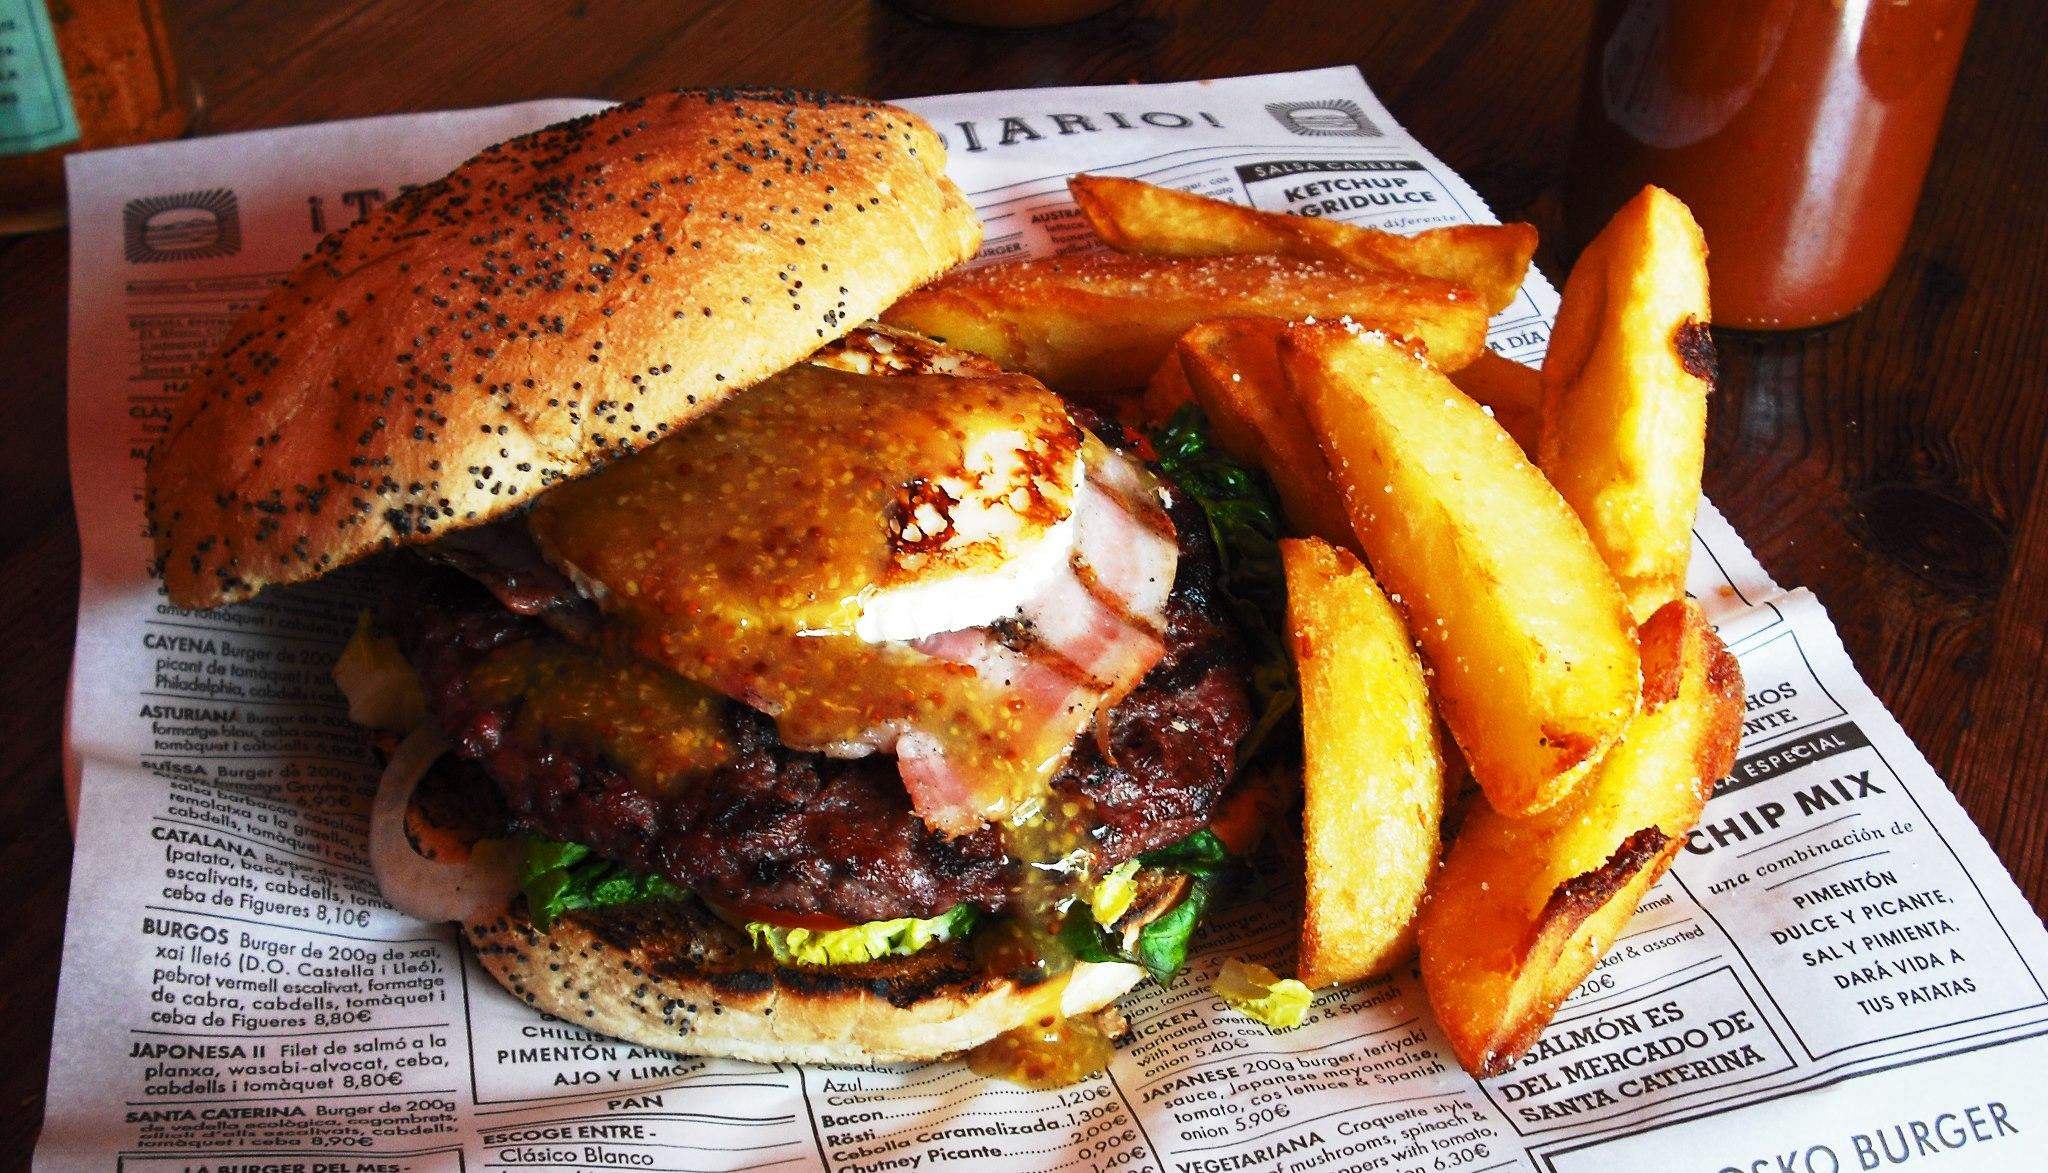 O suculento hamburguer com queijo do Kiosko